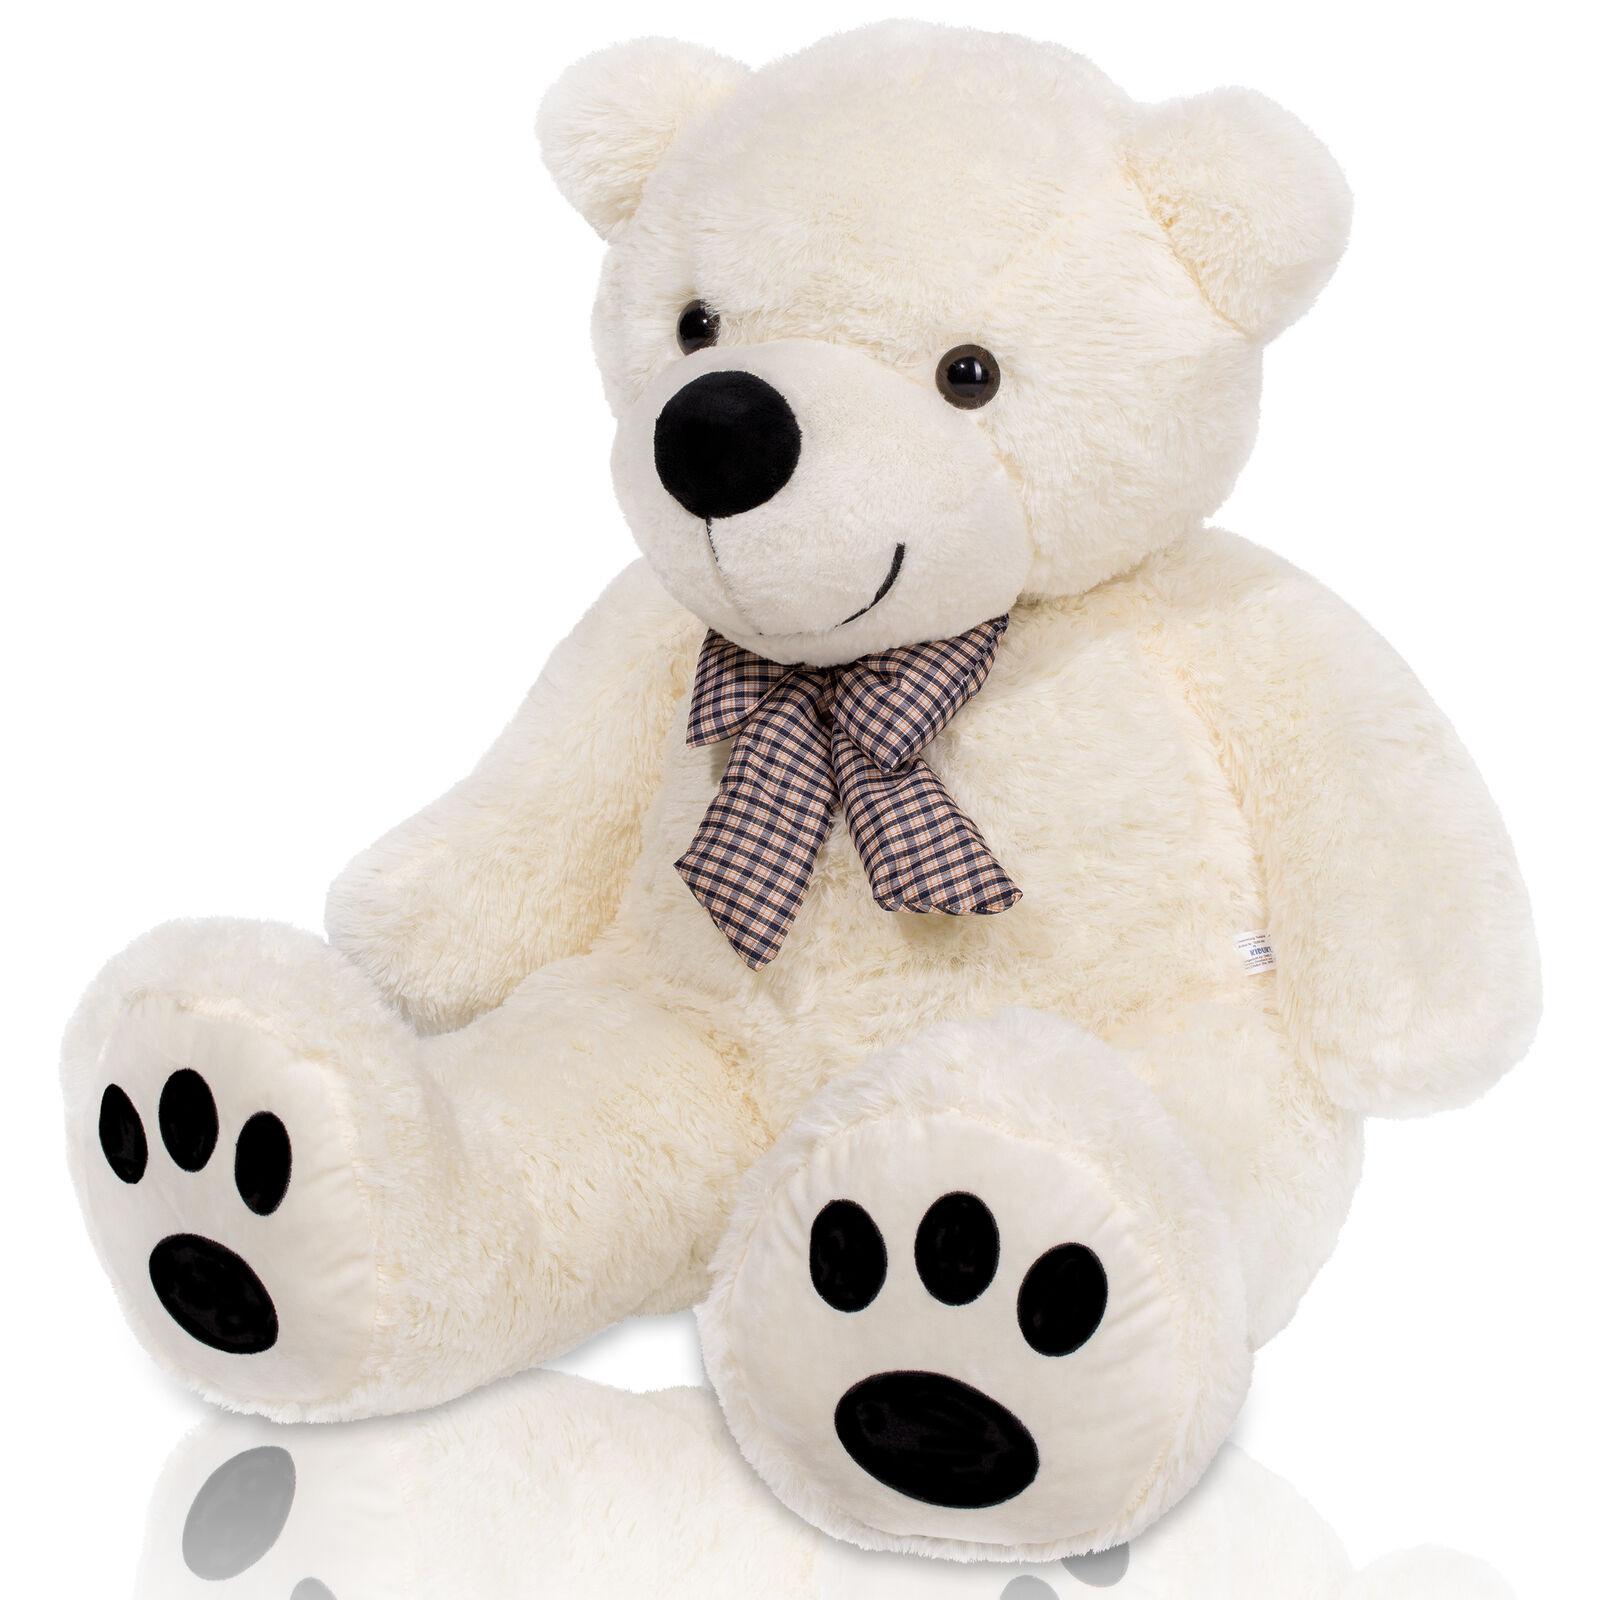 Teddybär XXL 140 cm Weiß Plüschtier Kuscheltier Stofftier Teddy Plüschbär Stoff